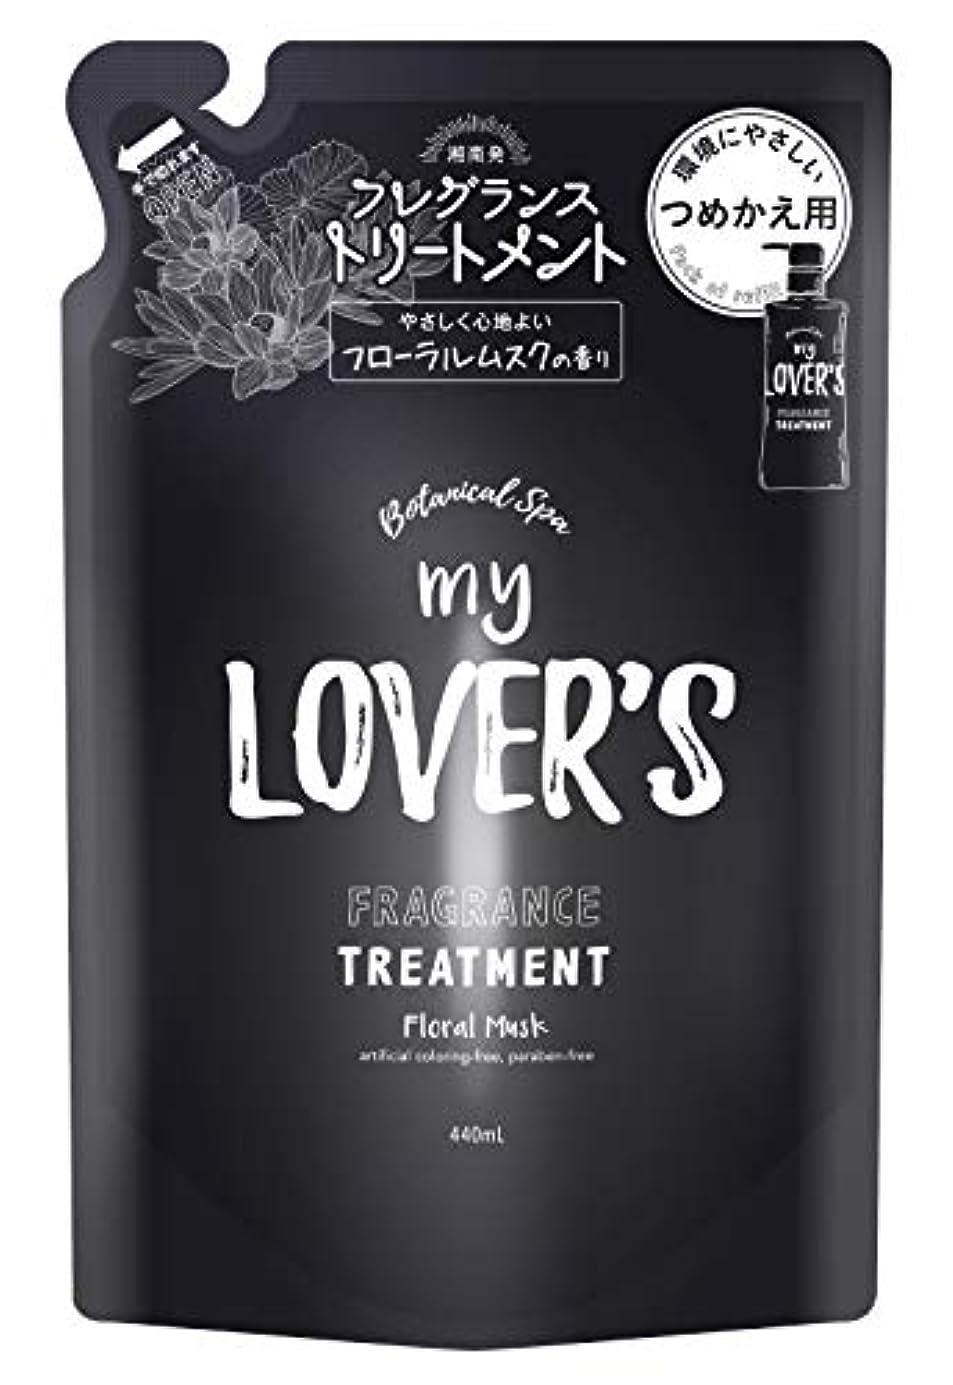 読者列車息切れ湘南スタイル my LOVER'S フレグランストリートメント フローラルムスクの香り つめかえ用 440mL 4573412160205